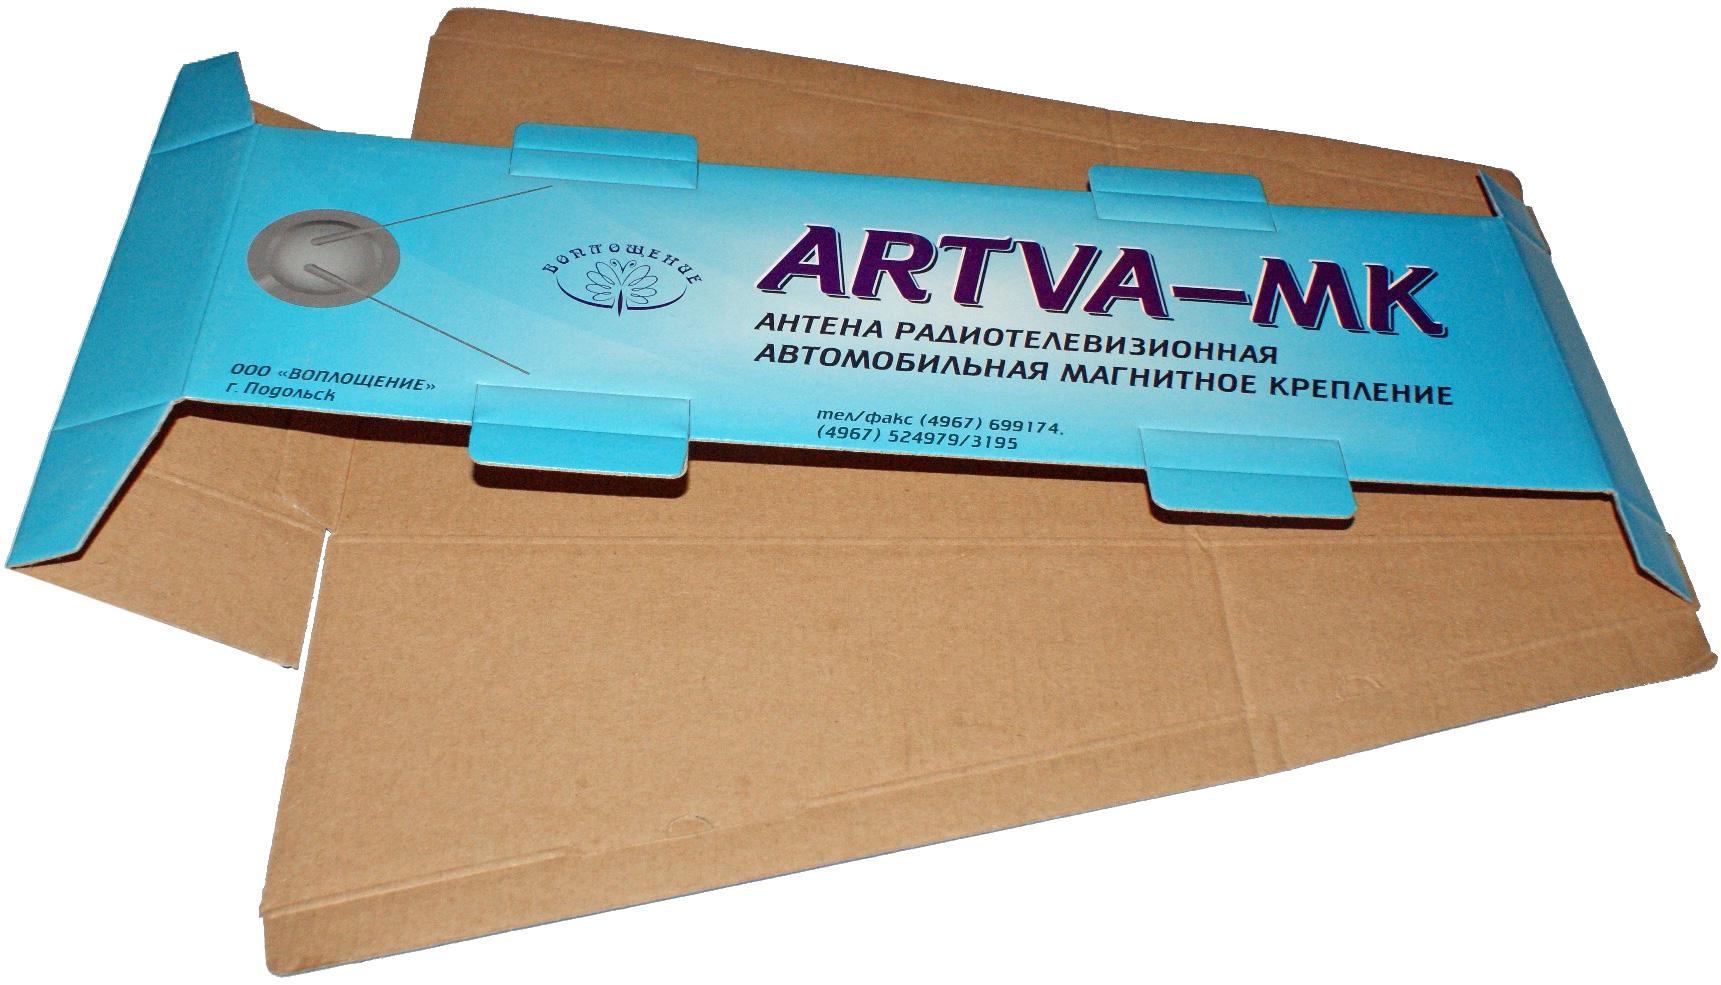 Кашированная упаковка (приклейка бумаги с изображением к картону)